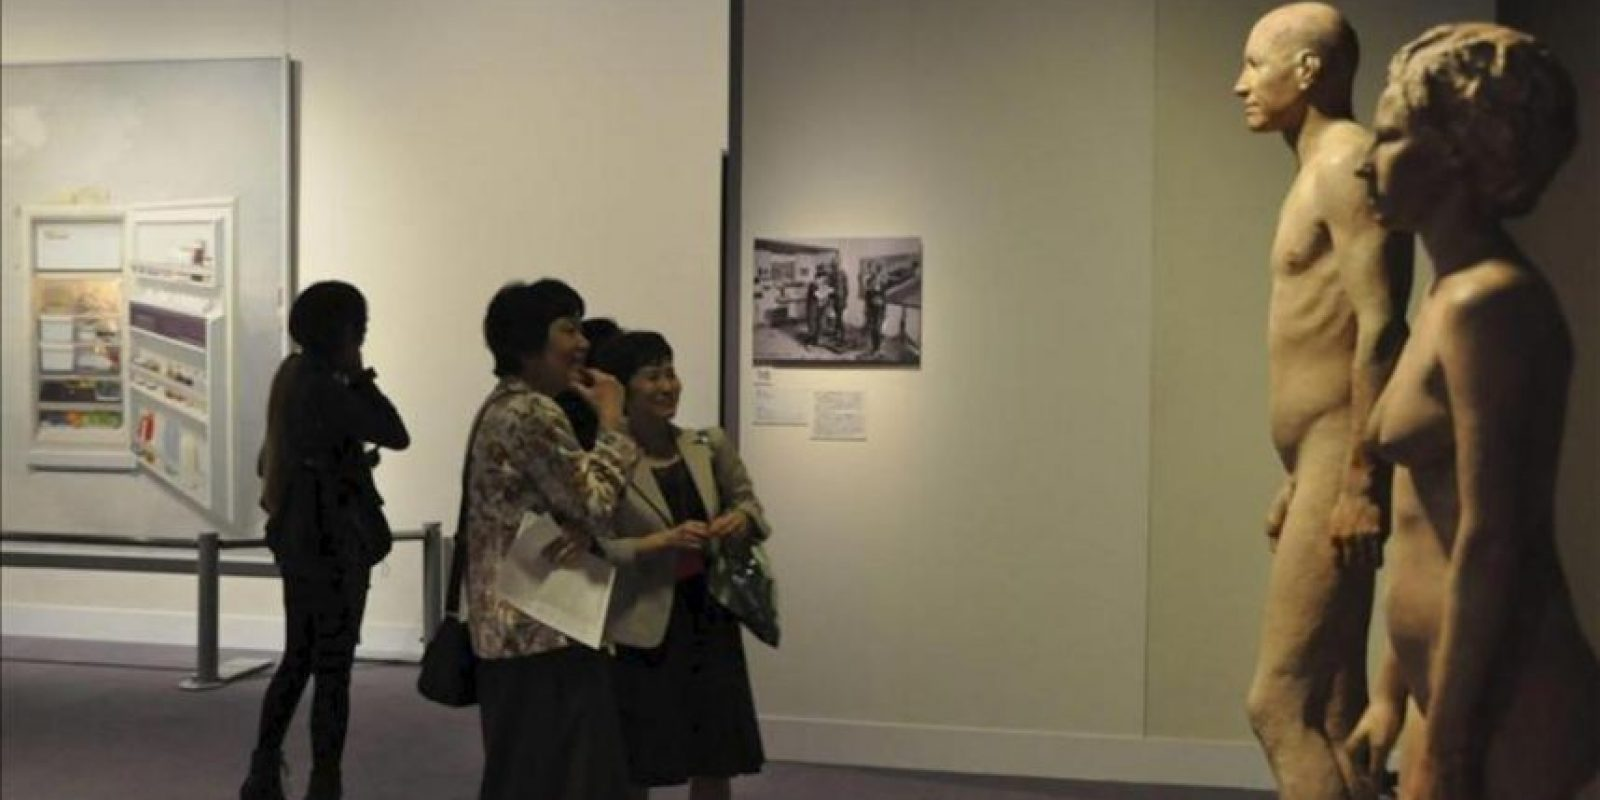 """Fotografía facilitada por el Museo Bunkamura de una de sus galerias donde se exhiben 64 obras, entre pinturas, esculturas y dibujos, del español Antonio López que presenta, por primera vez en Japón, sus obras más universales en una gran retrospectiva que repasa desde sus inicios el trabajo de este """"maestro del realismo"""". EFE"""